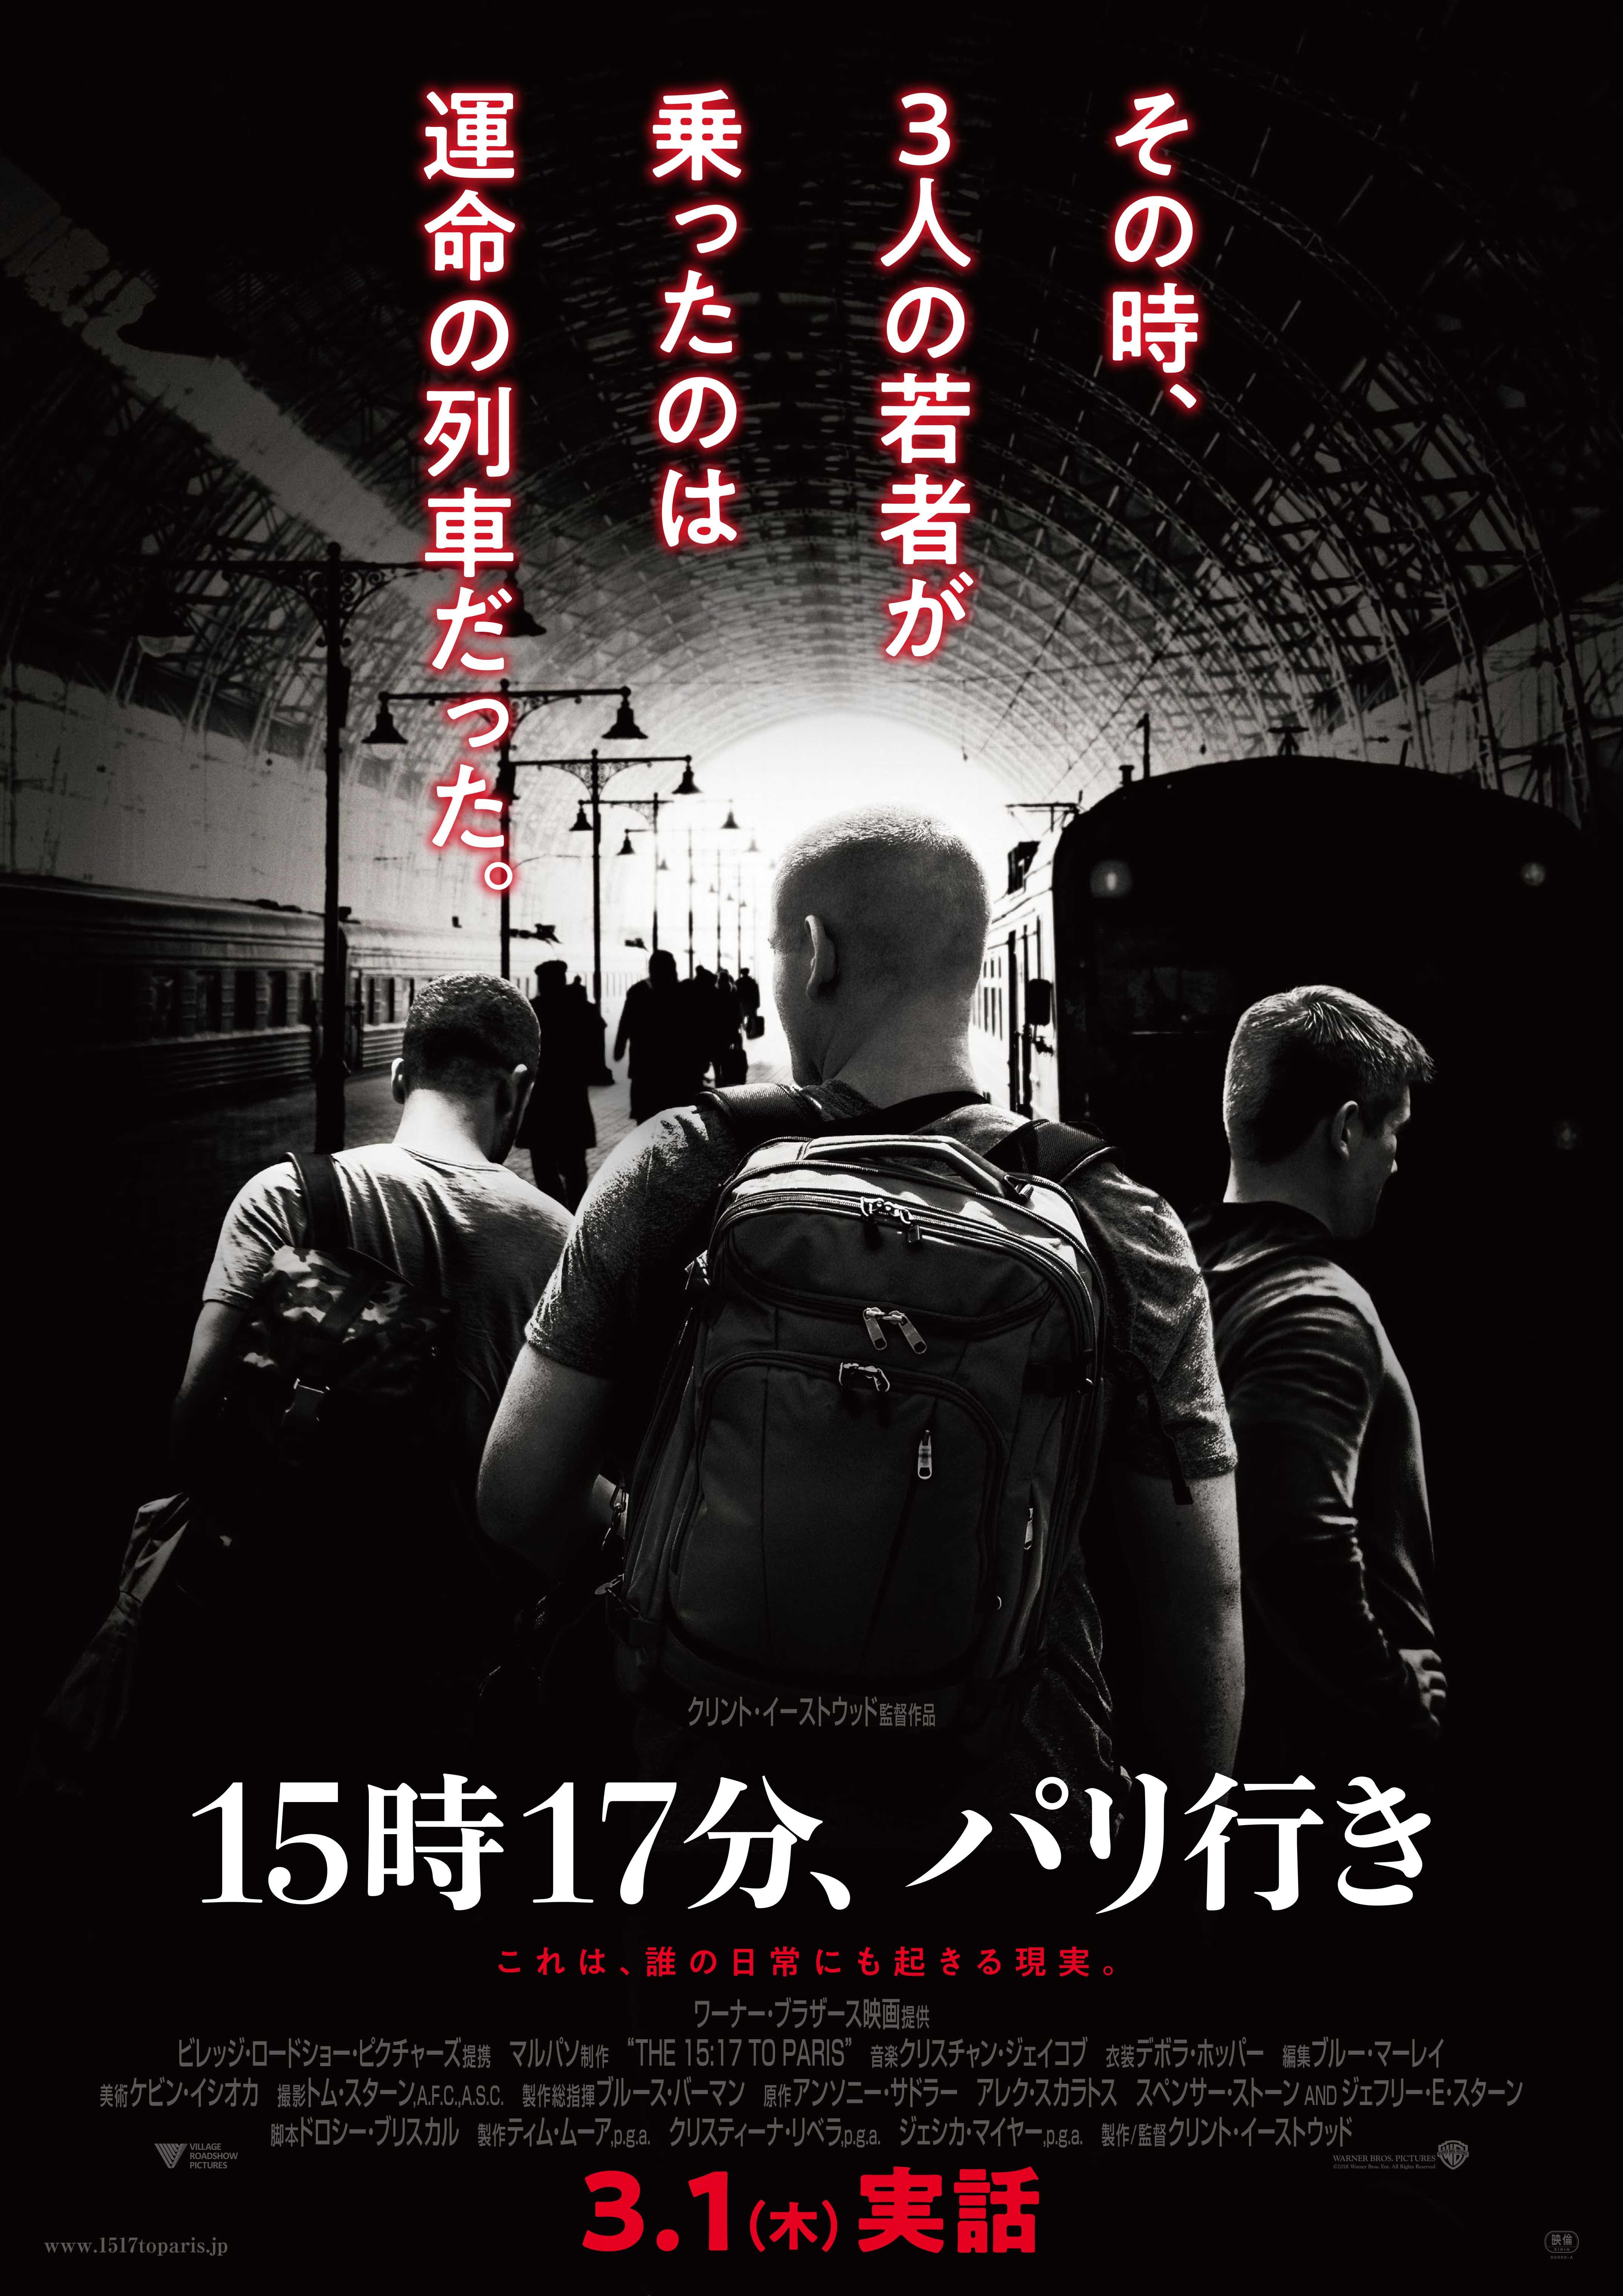 【画像】映画『15時17分、パリ行き』(原題: THE 15:17 TO PARIS)ポスタービジュアル